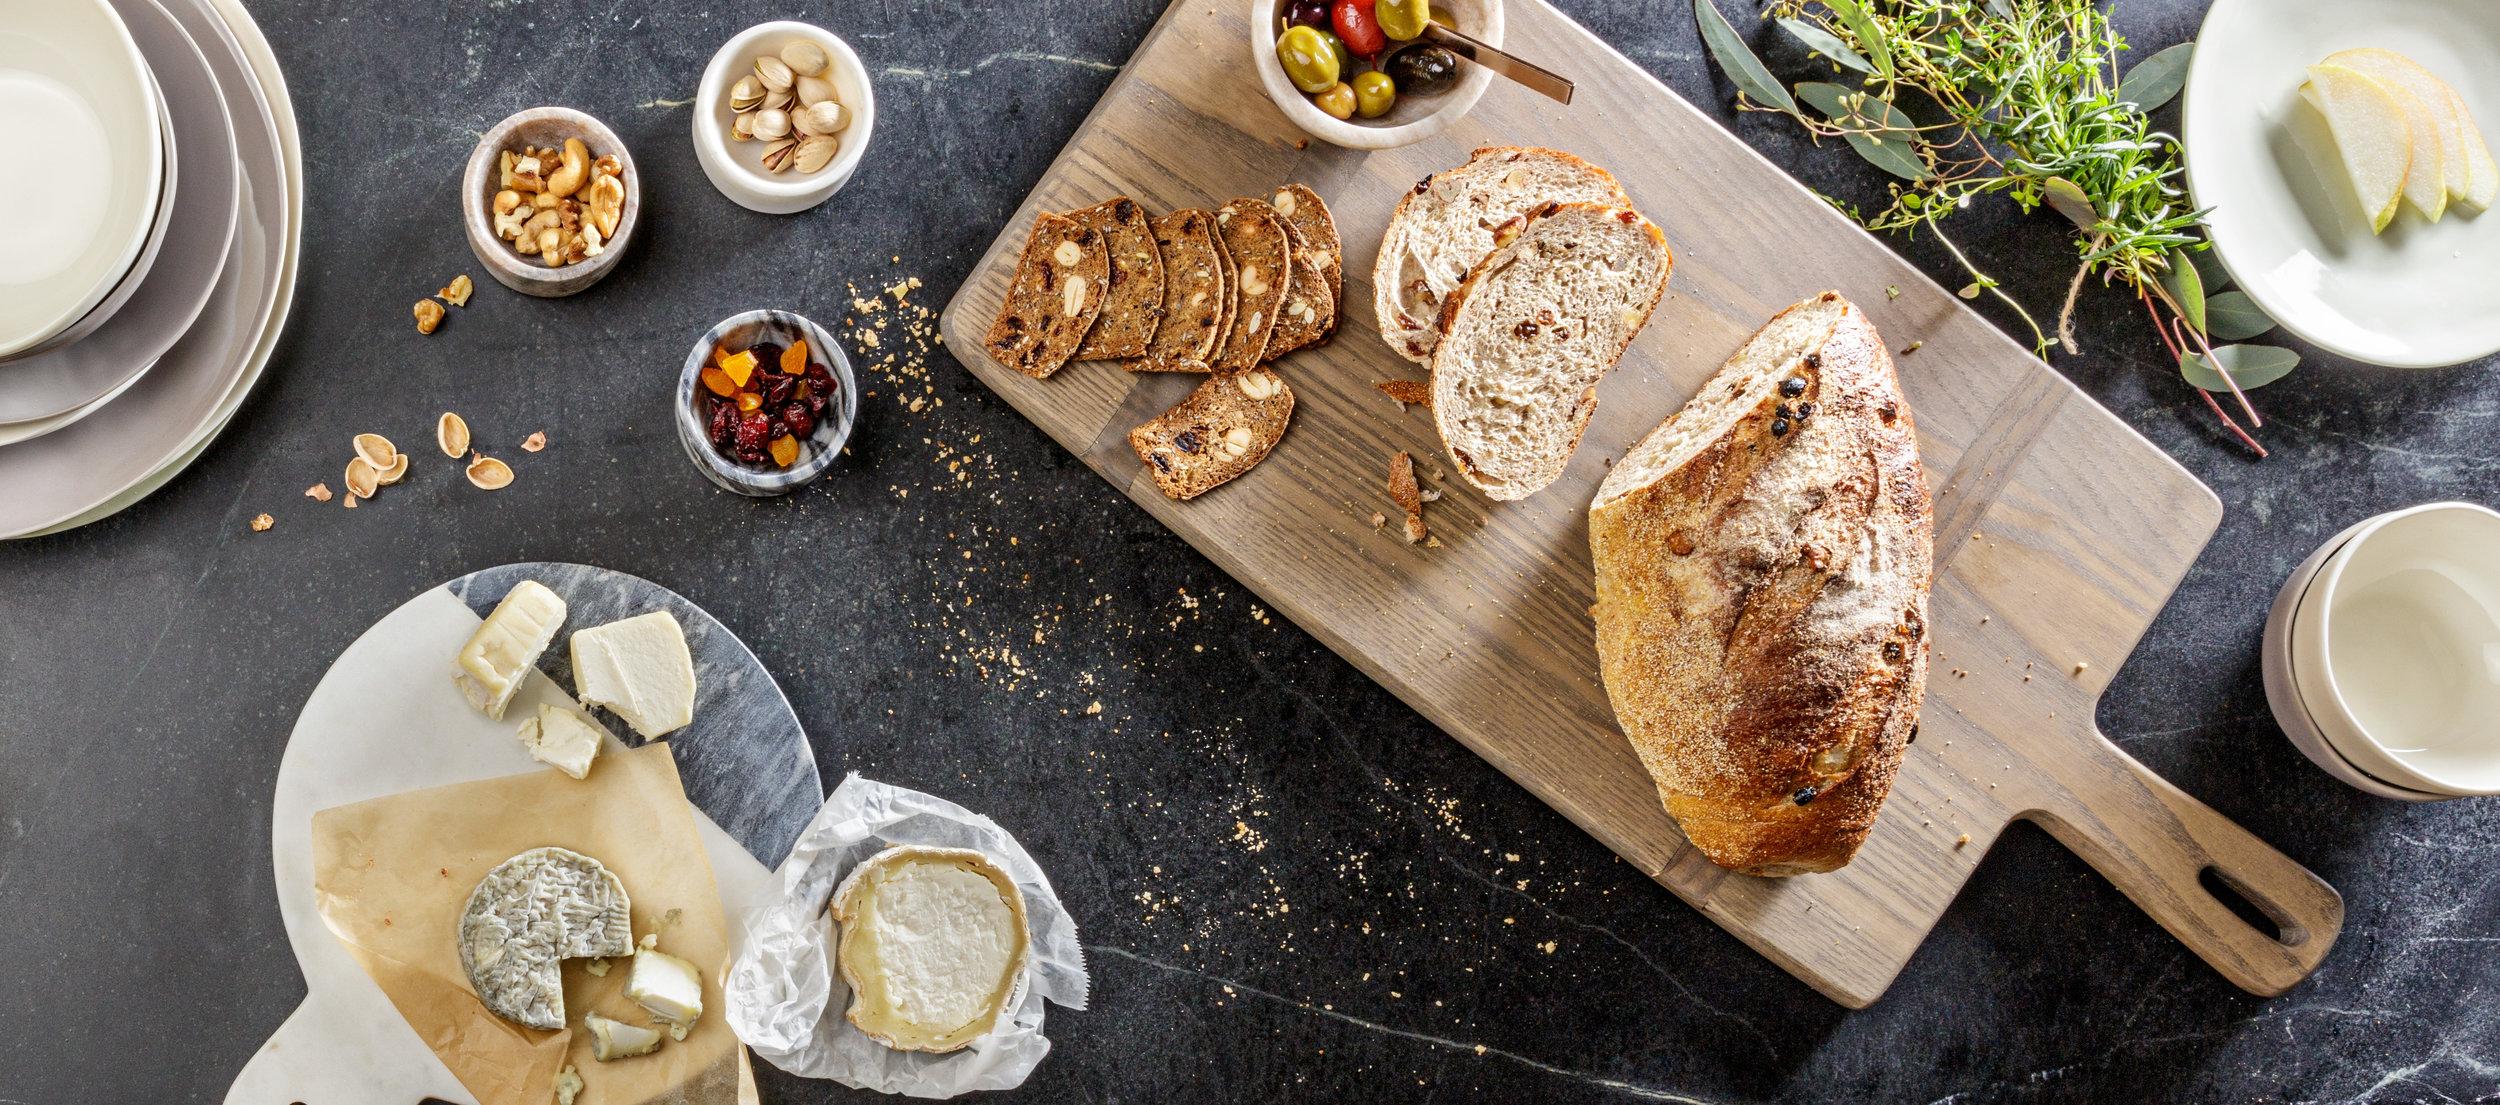 Overhead Bread Board Brunch Spread